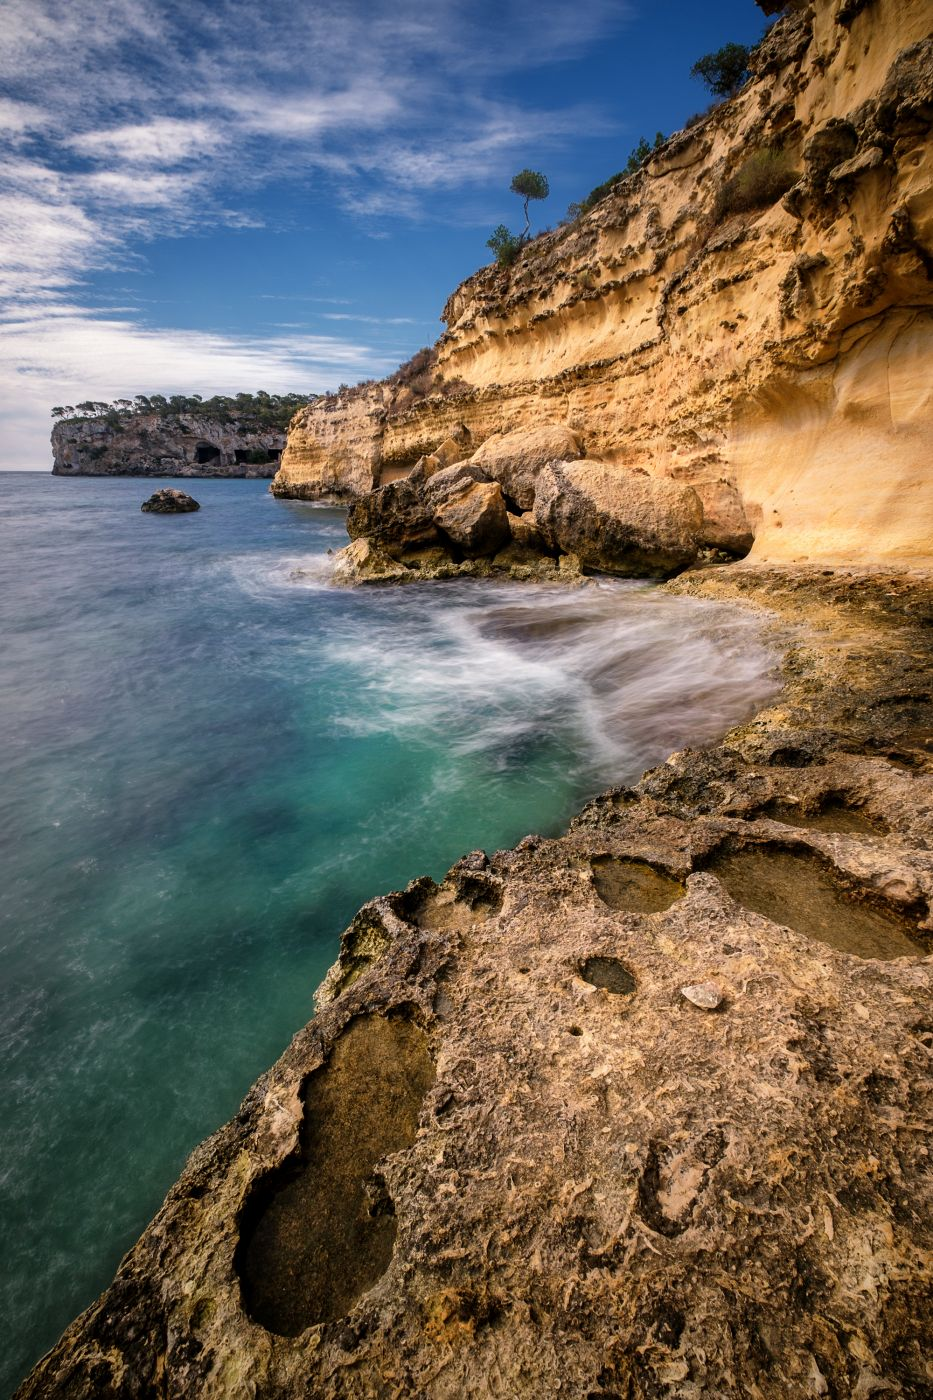 Cala Mago - Cliff, Spain